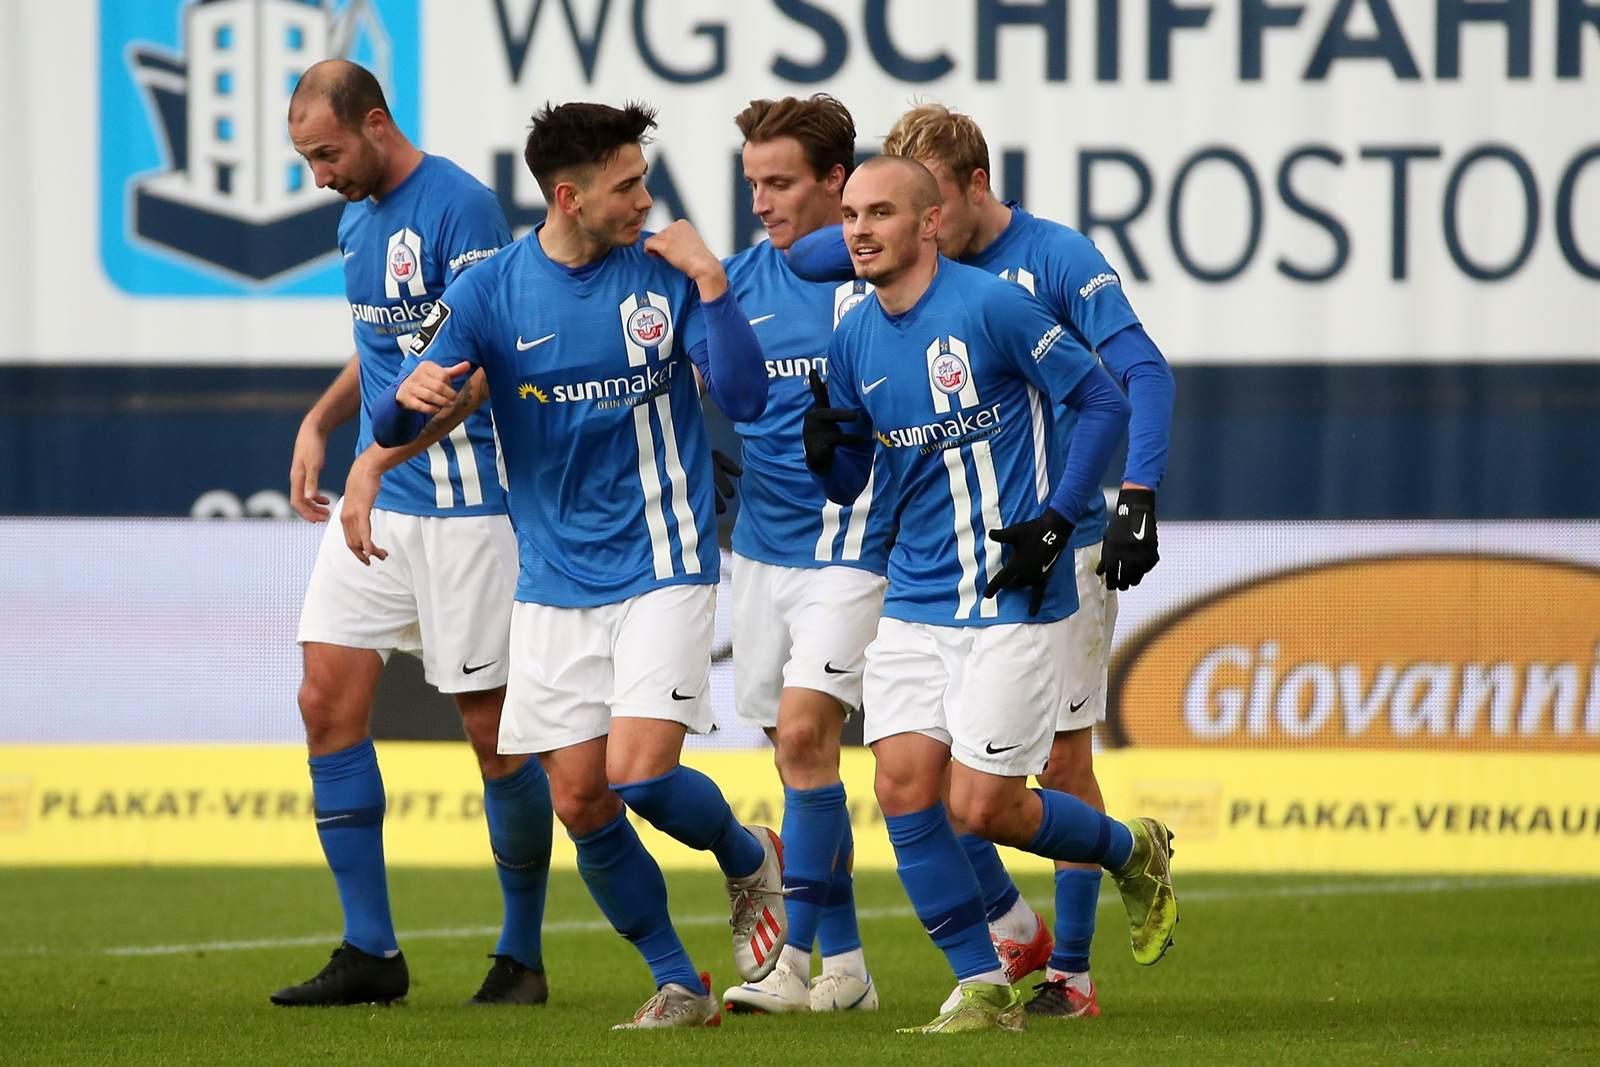 Die Mannschaft des FC Hansa Rostock jubelt